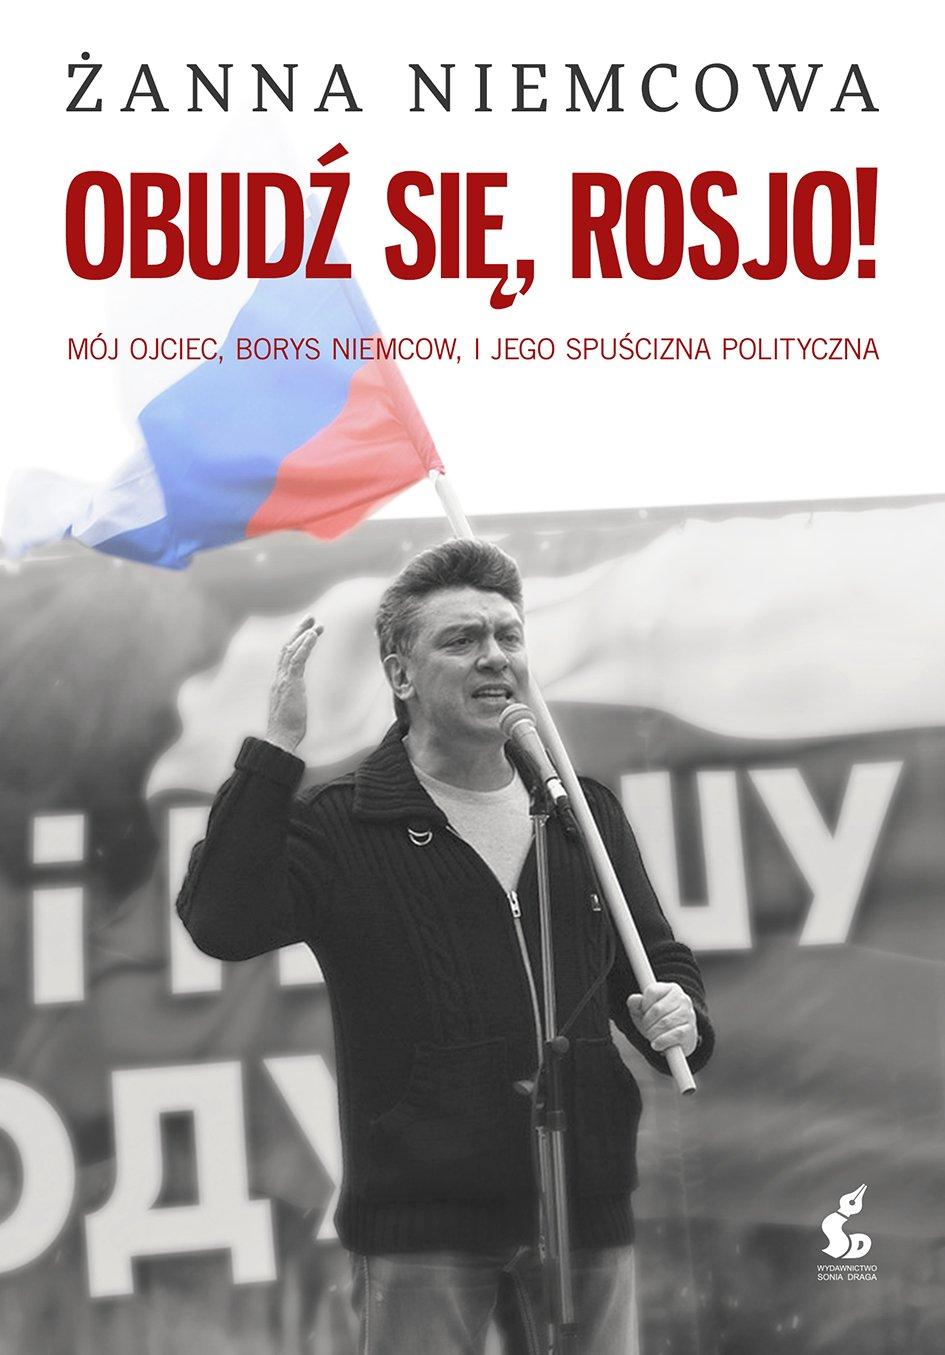 Obudź się Rosjo! - Ebook (Książka EPUB) do pobrania w formacie EPUB